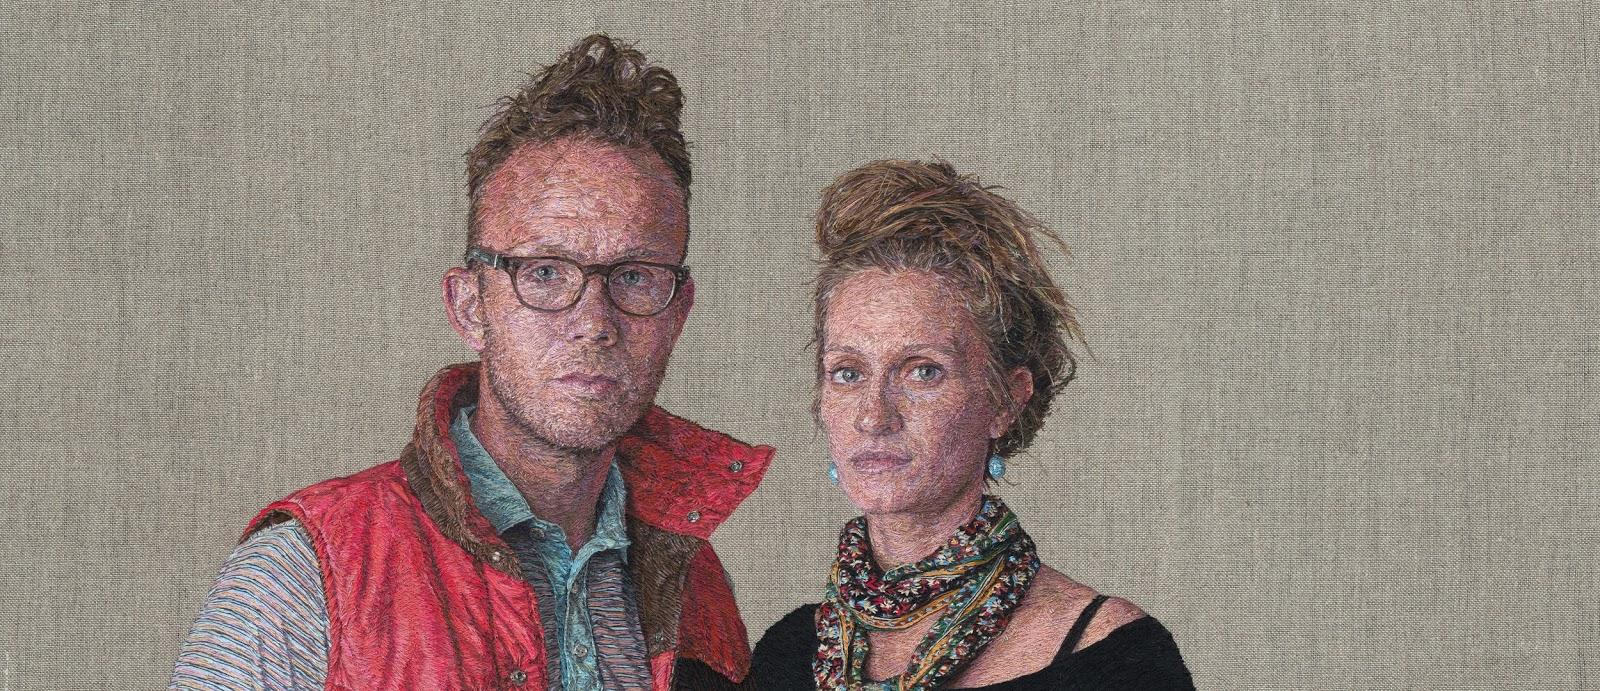 Cayce Zavaglia - retrato bordado